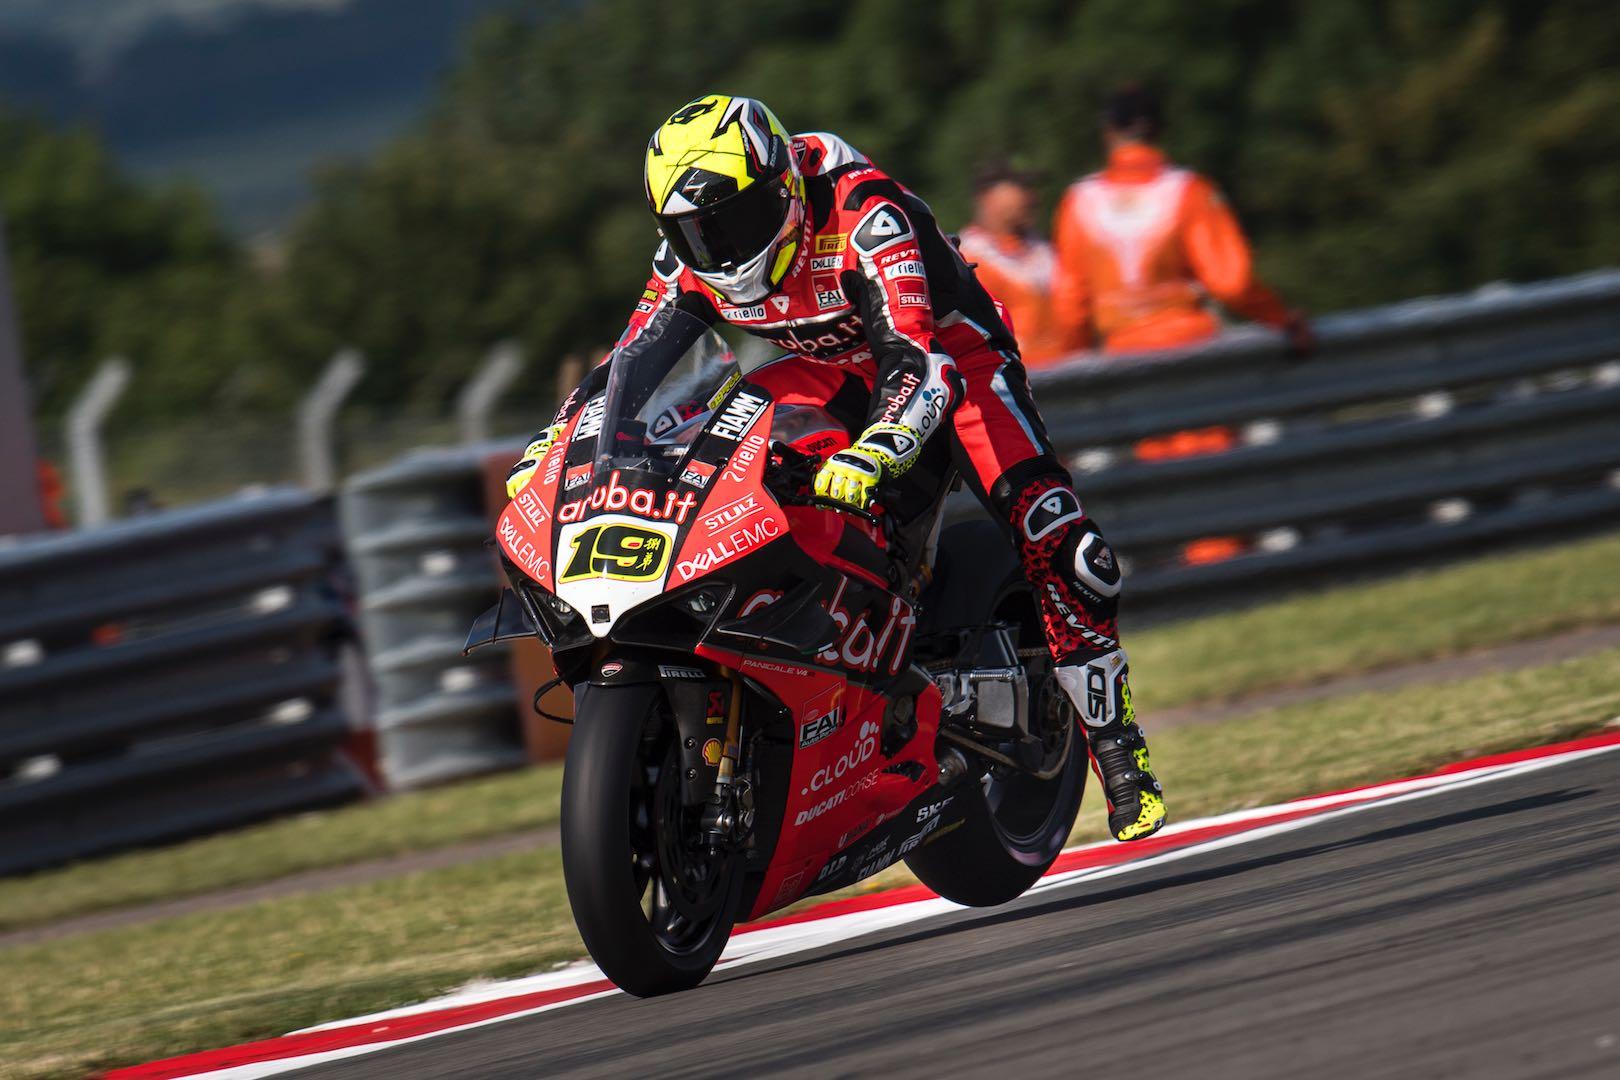 2019 Donington Park WorldSBK Results Ducati's Alvaro Bautista